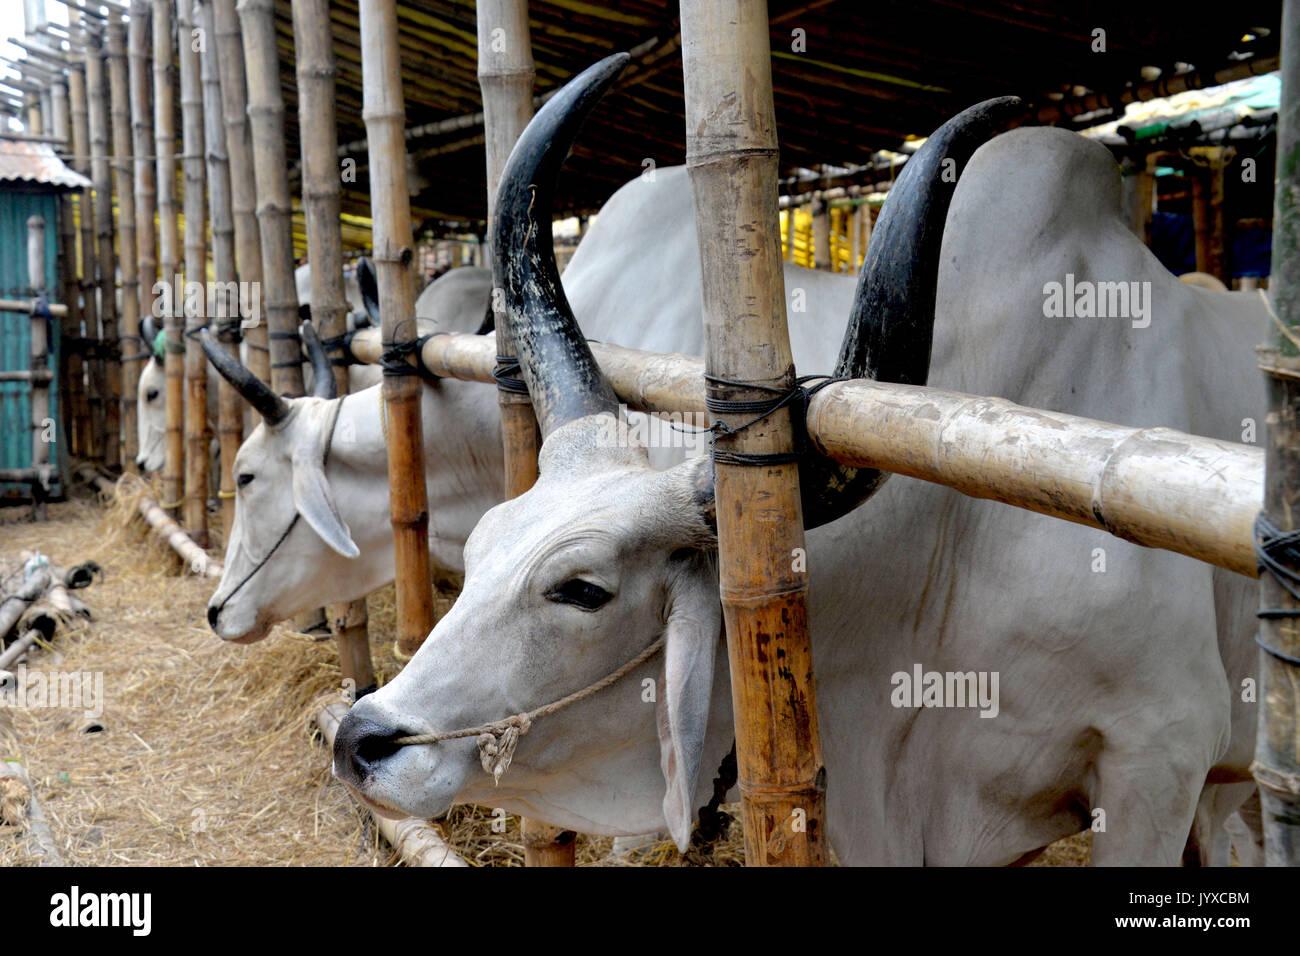 Eid Ul Azha Stock Photos & Eid Ul Azha Stock Images - Alamy